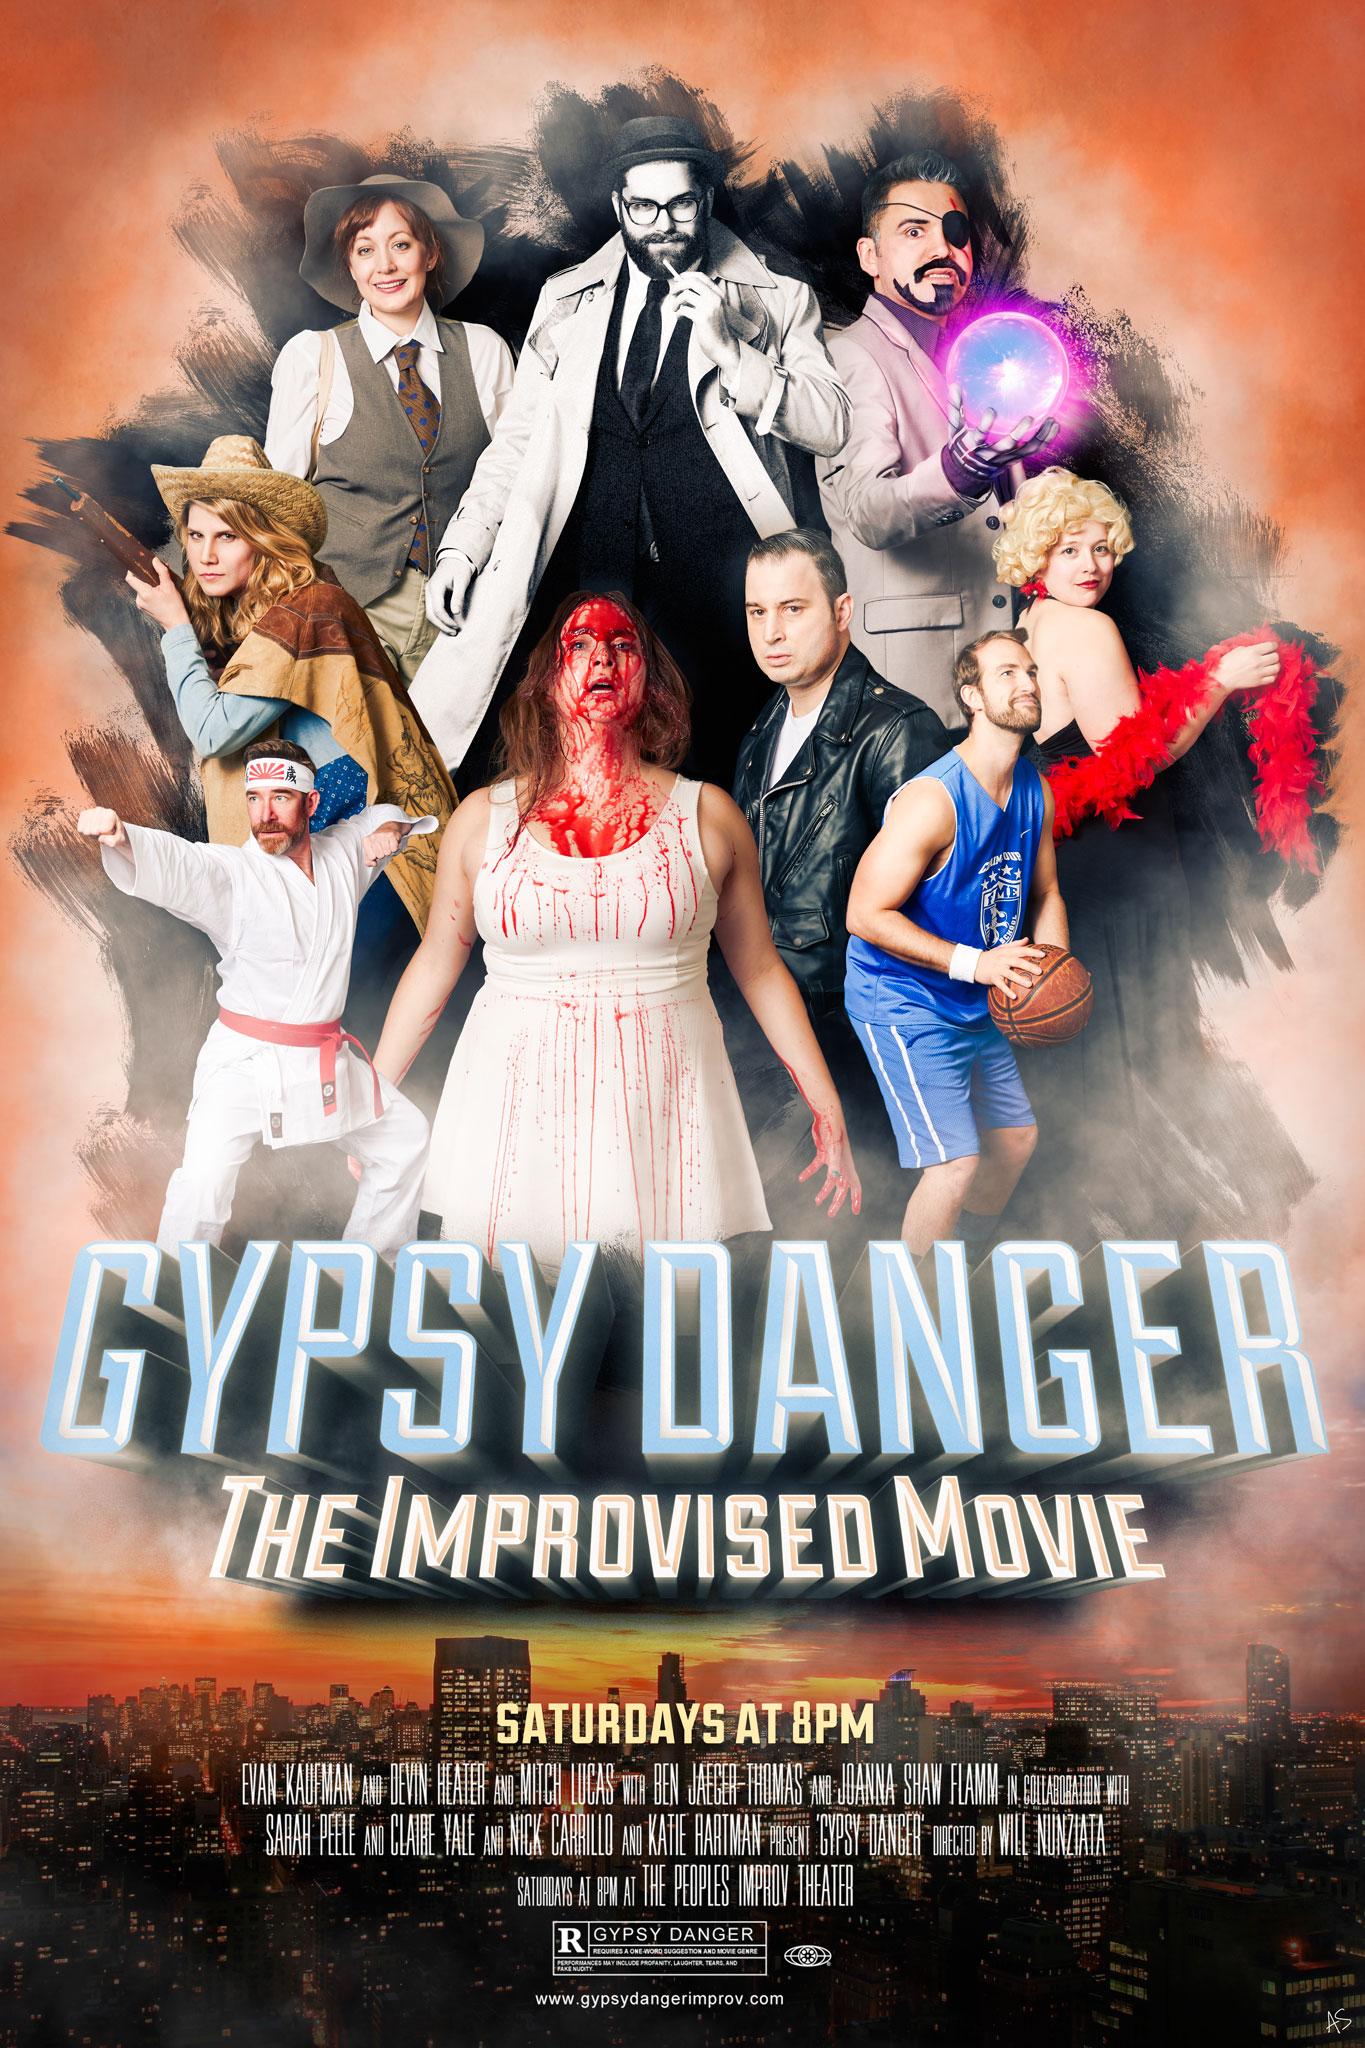 Gypsy-Danger-Final-Poster-Web.jpg